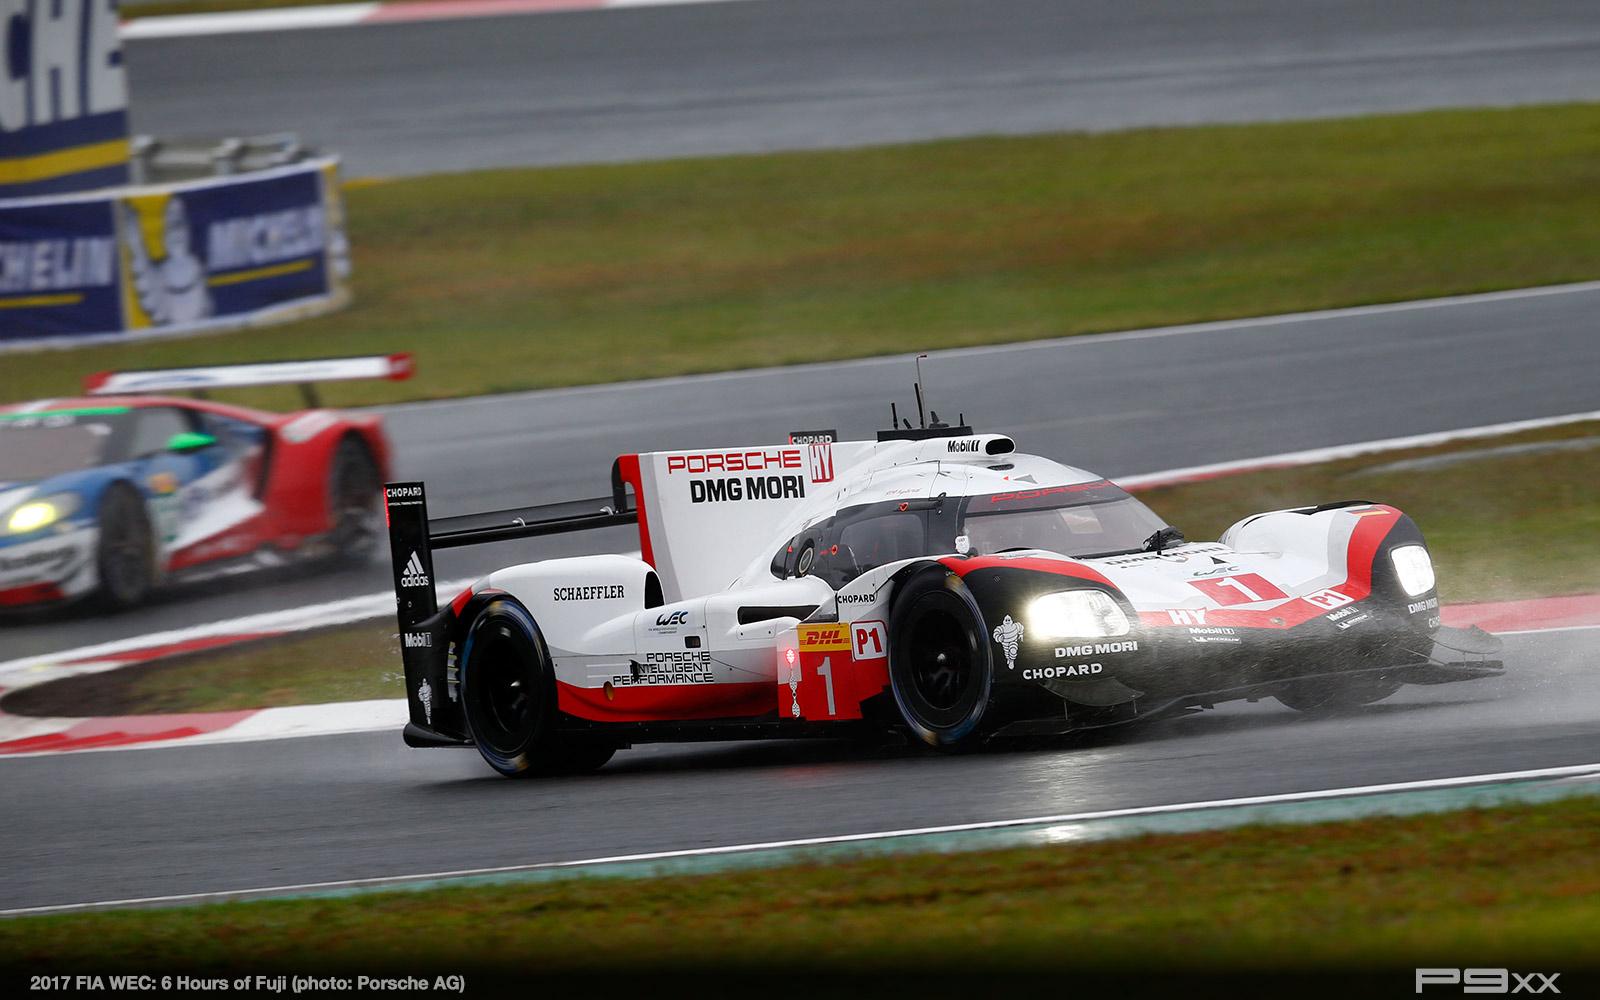 2017-FIA-WEC-6h-of-Fuji-Porsche-368